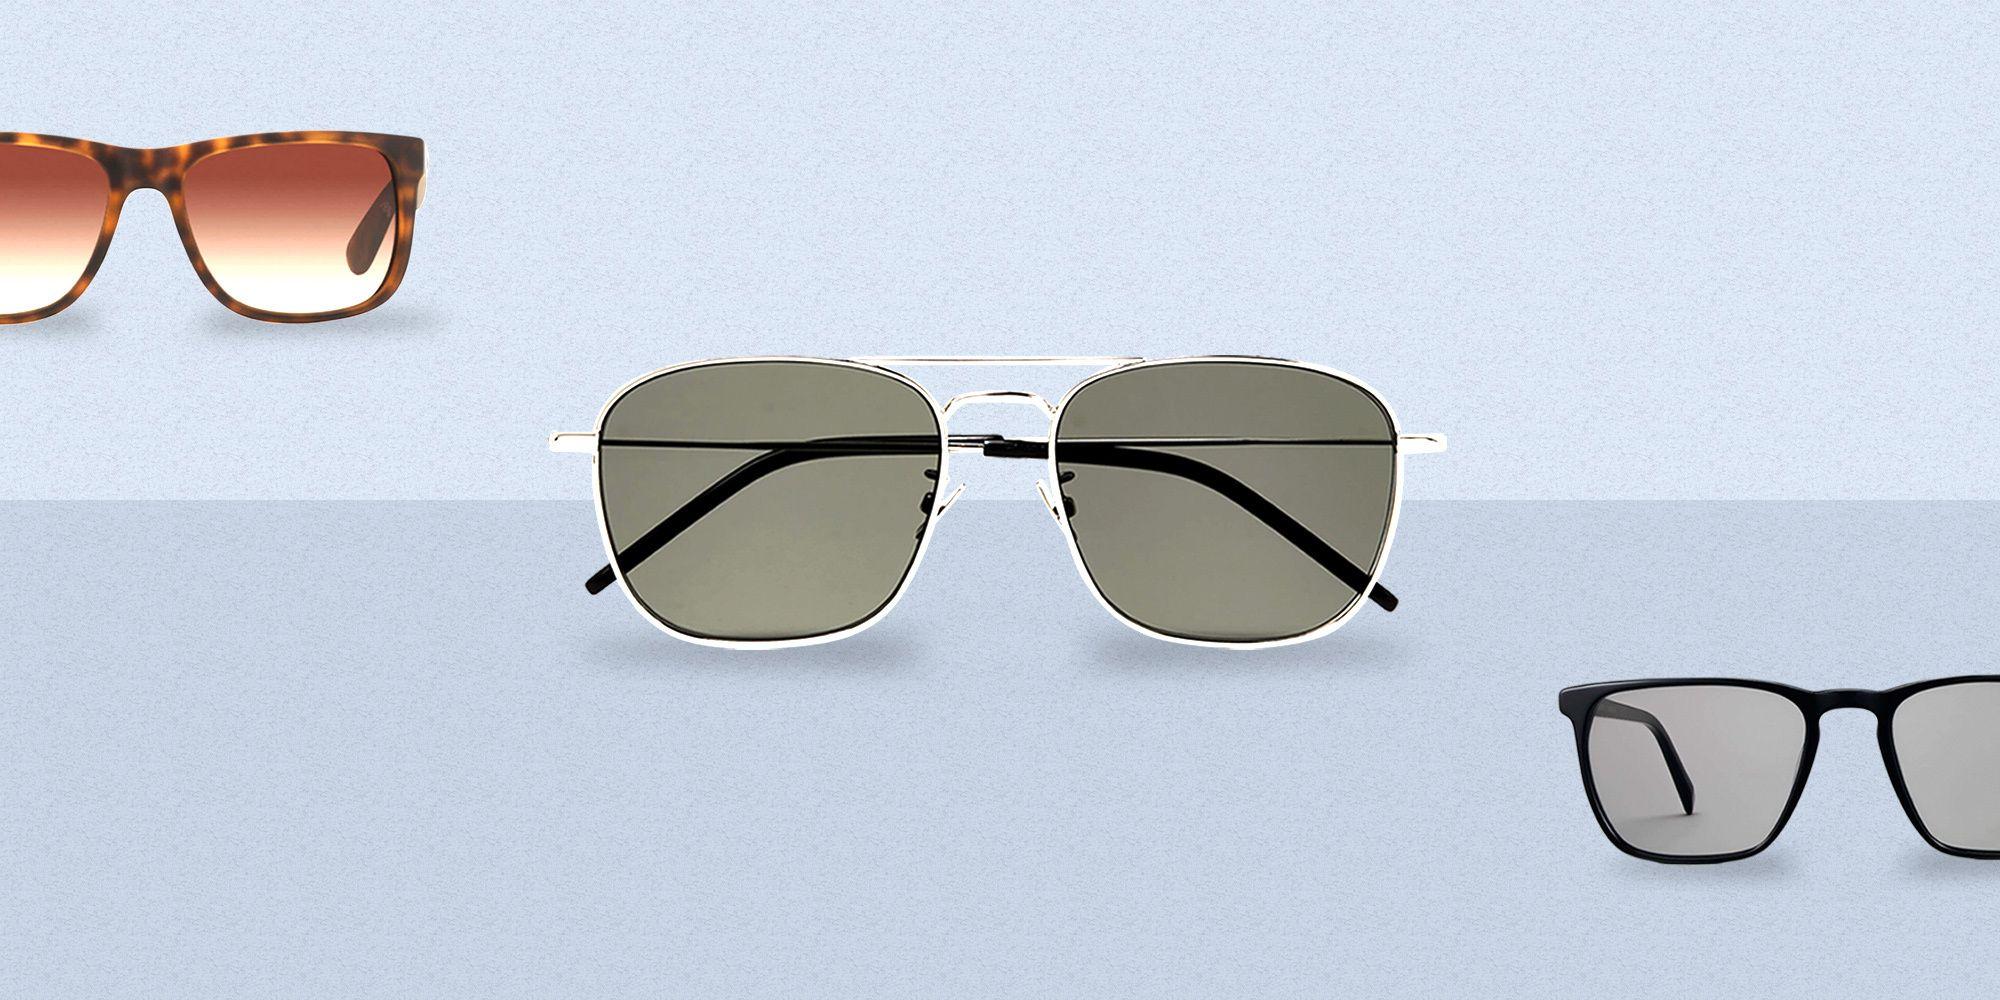 15 Best Sunglasses for Men for Summer 2020 Stylish Men's